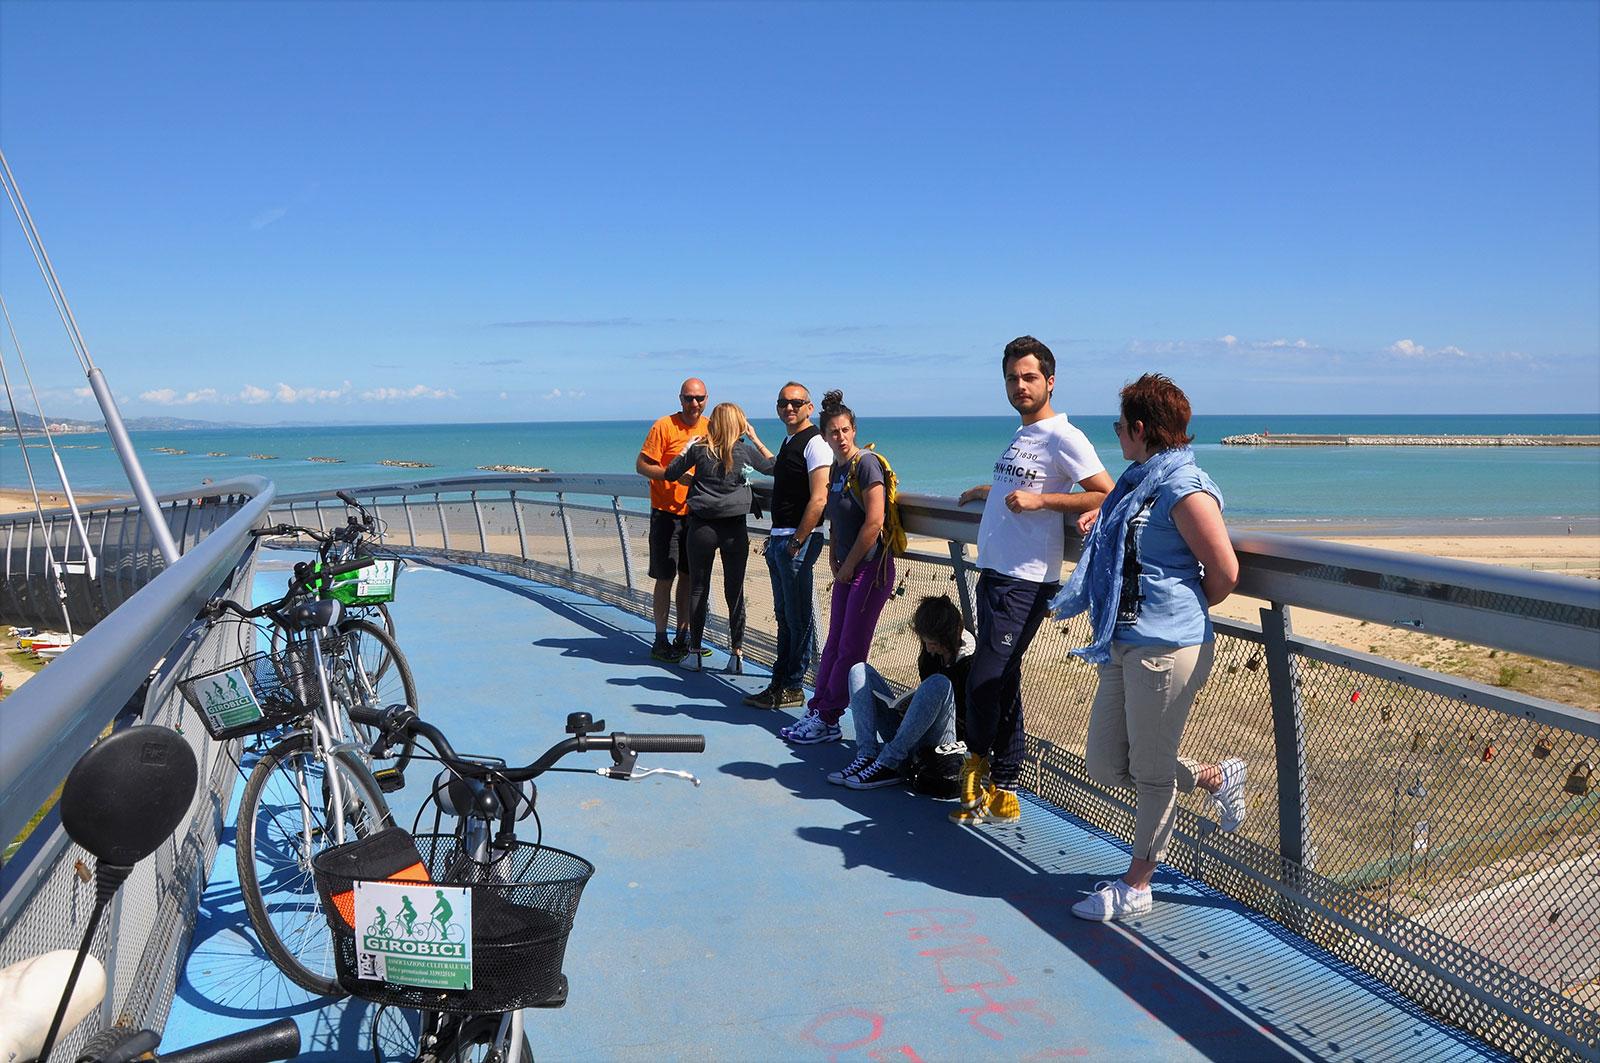 ponte-del-mare-bici-tour-2